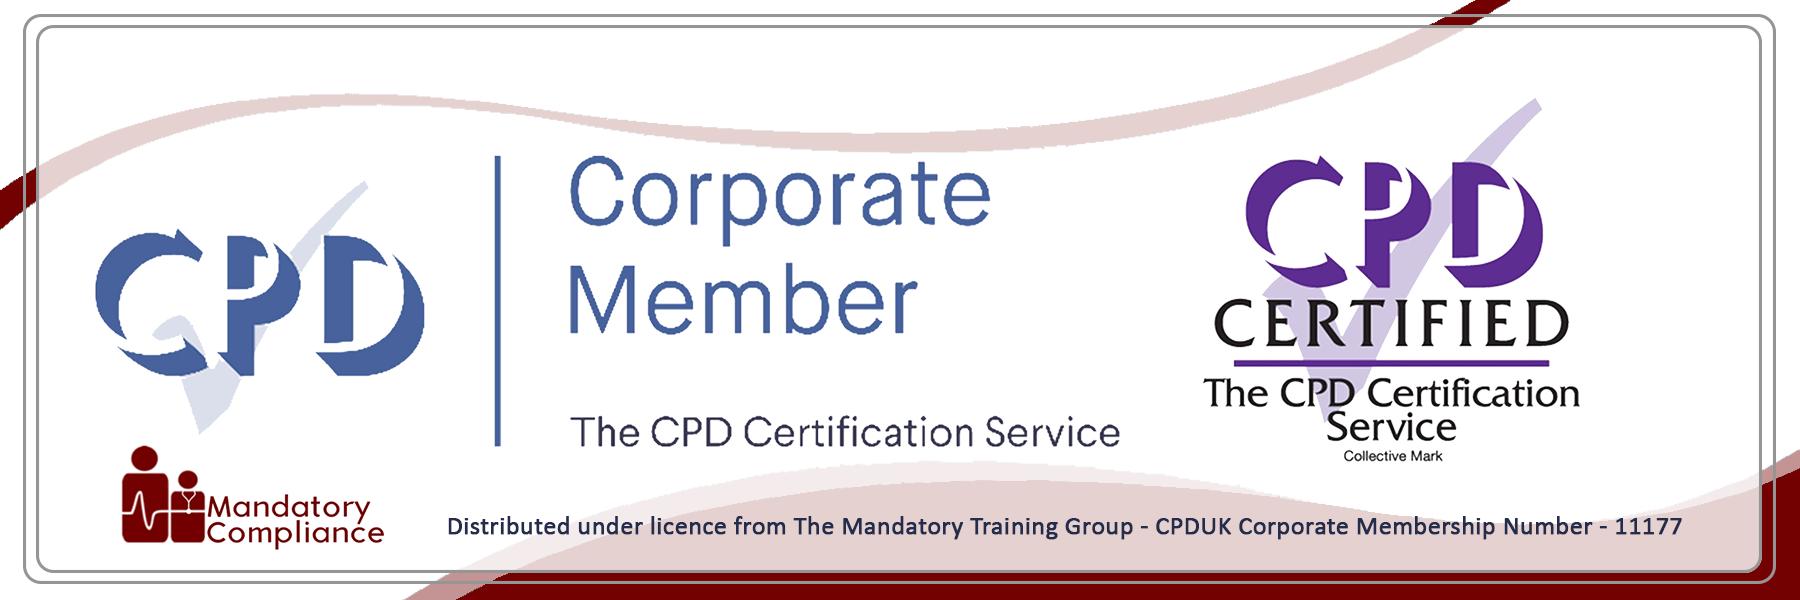 NHS Mandatory - Online Training Courses - Mandatory Compliance UK-